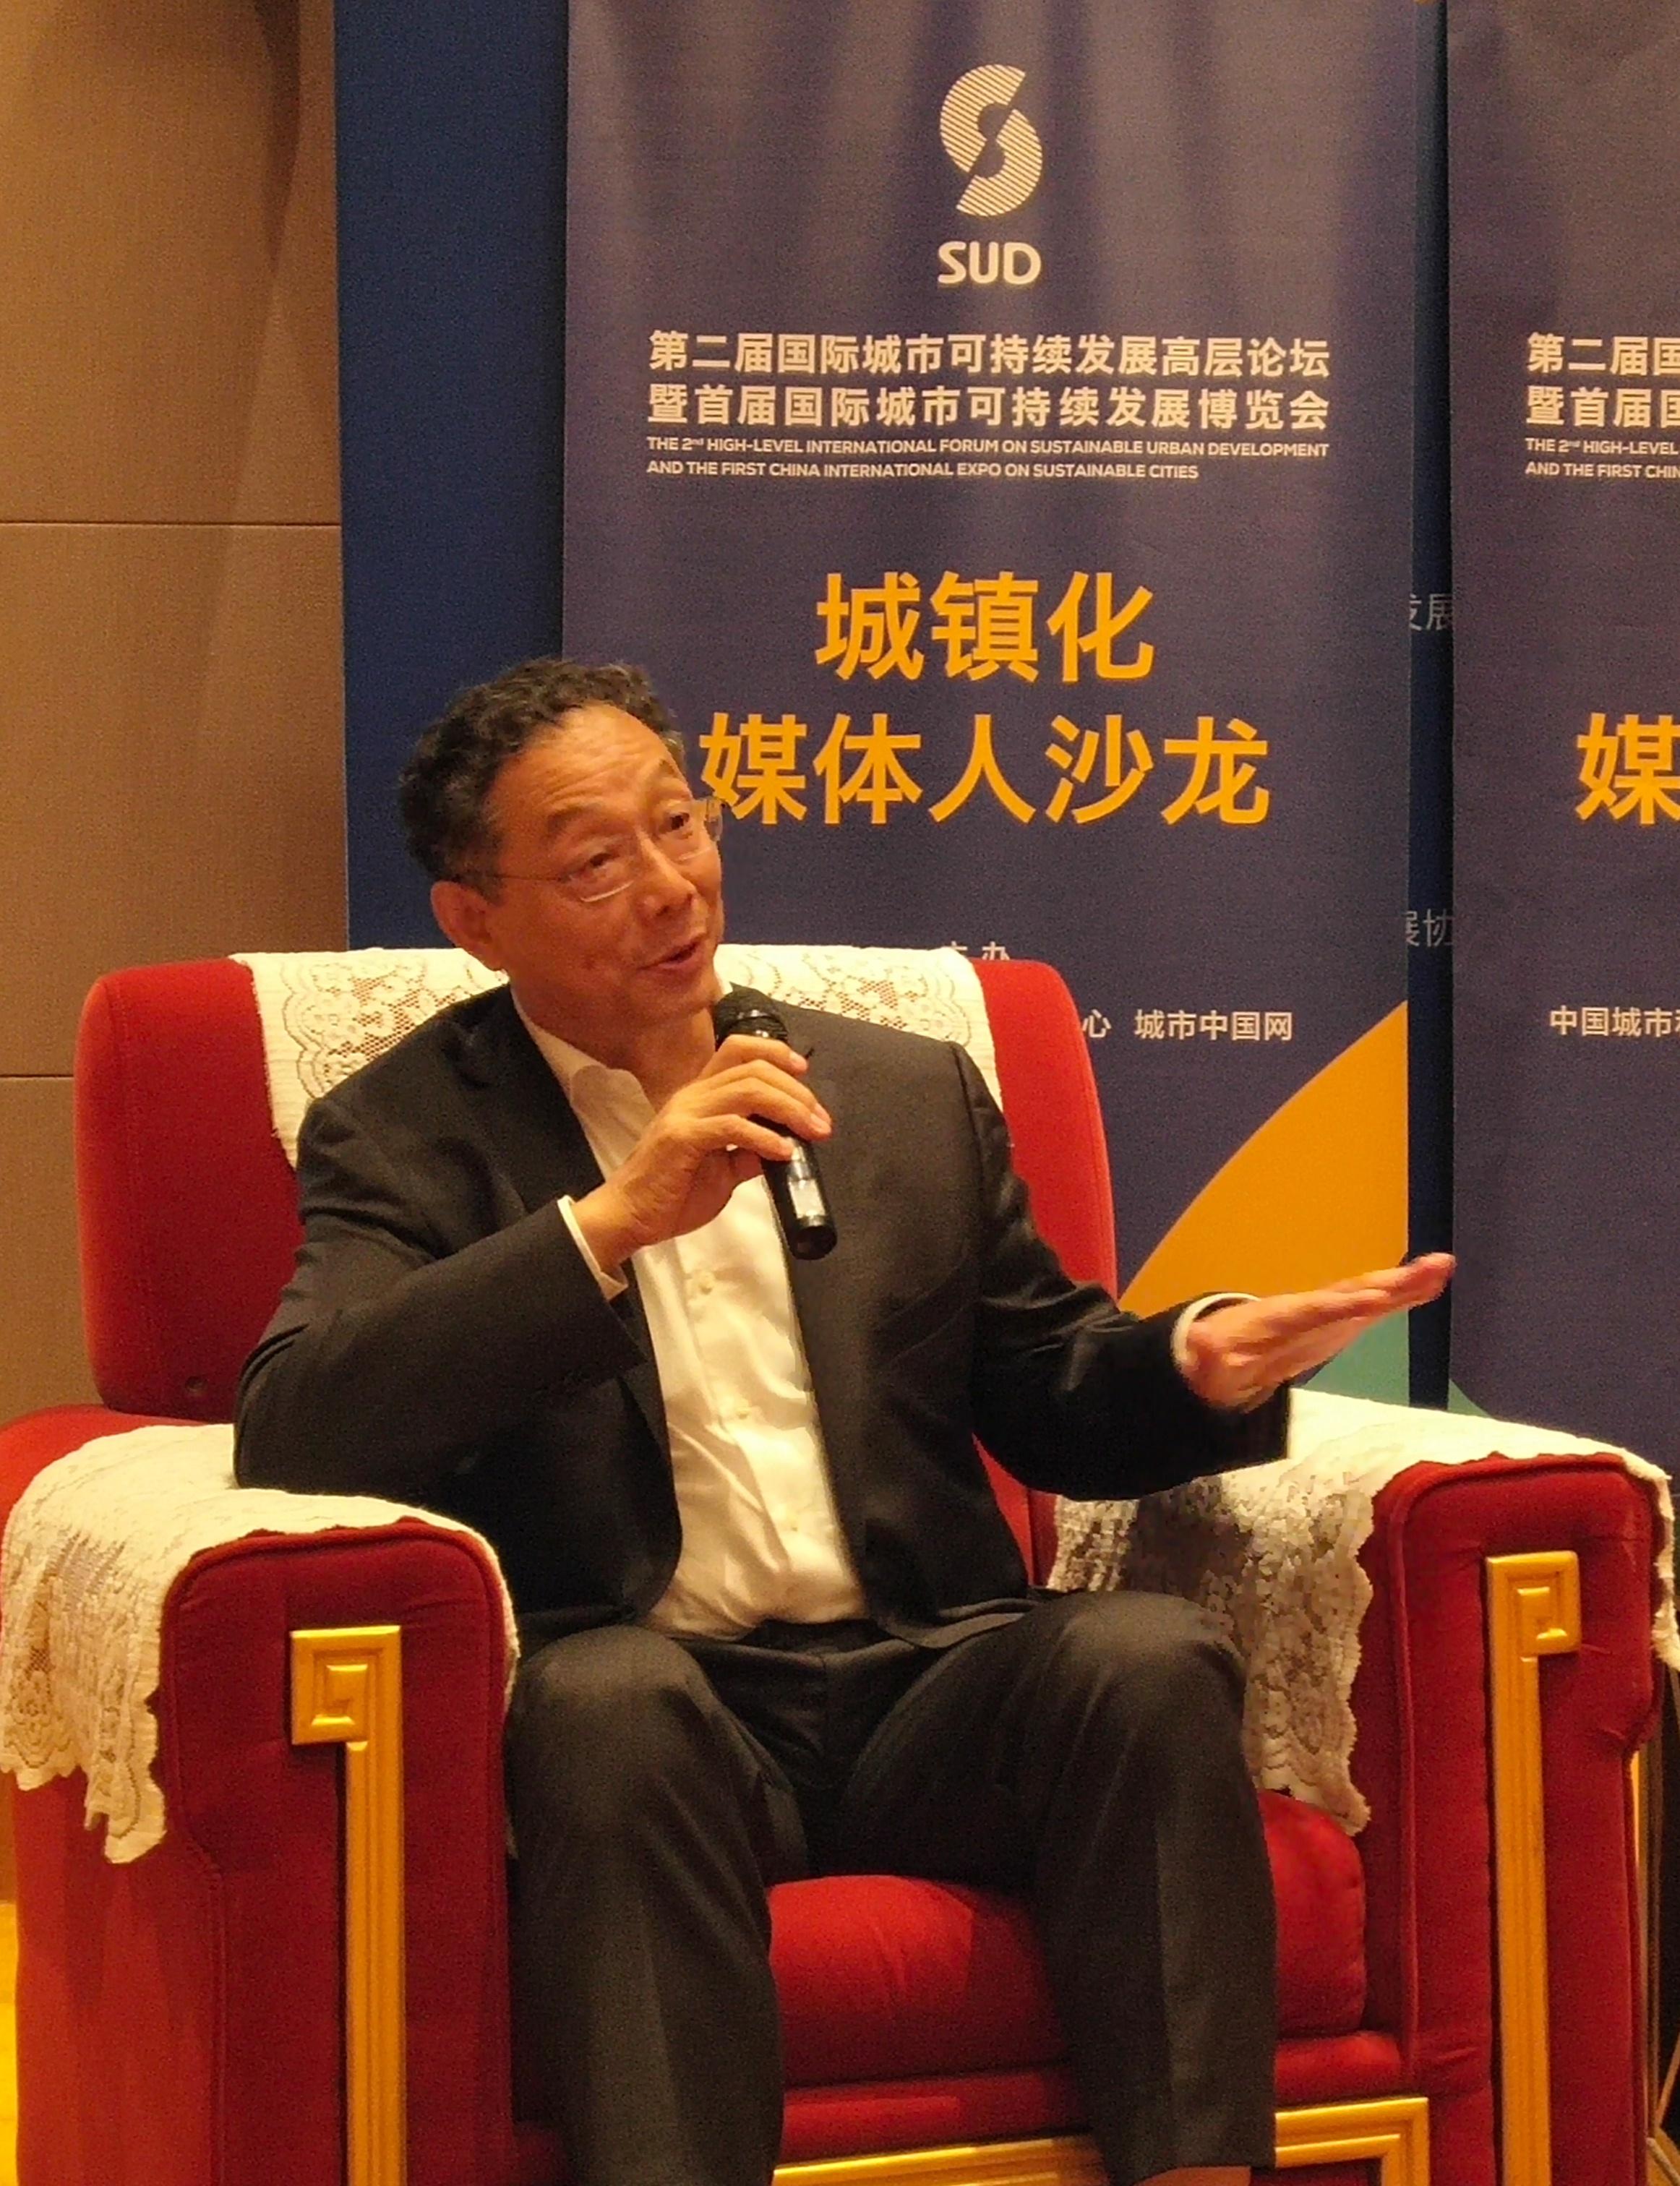 李铁:城镇化启动内需具有最大潜力